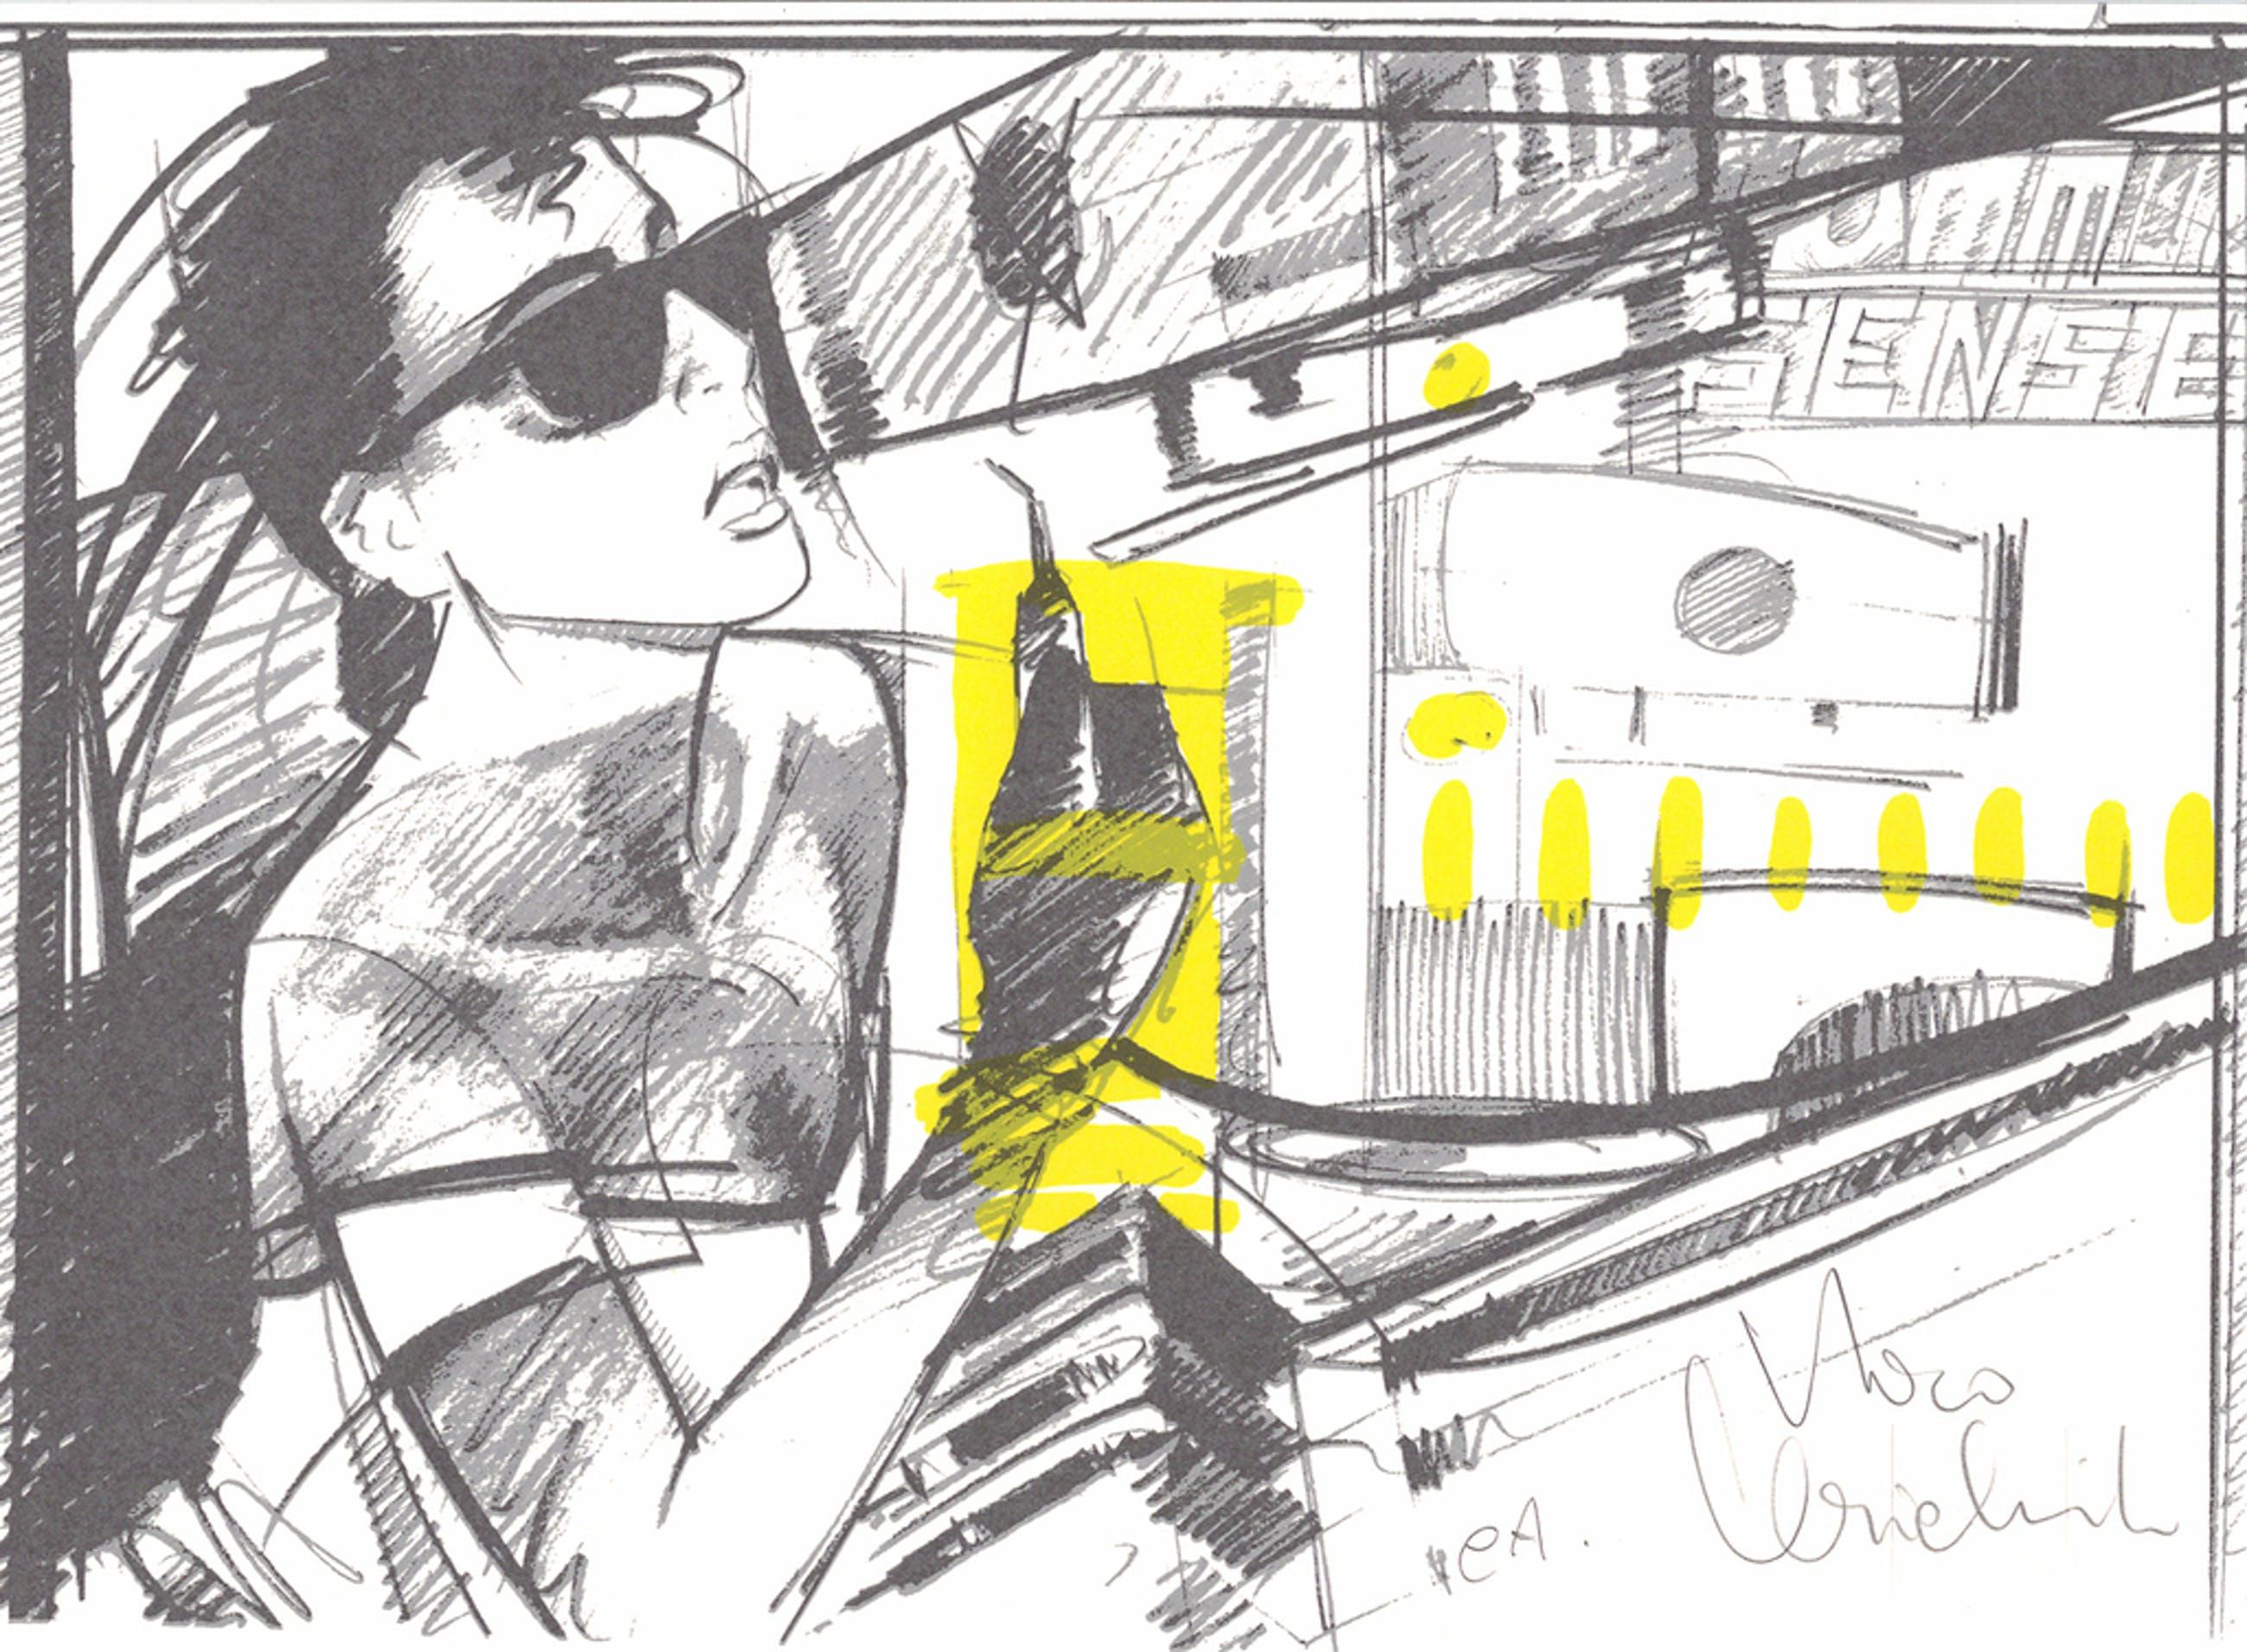 Nico Vrielink - Vrouw met zonnebril - gesigneerde zeefdruk - 1987 kopen? Bied vanaf 20!